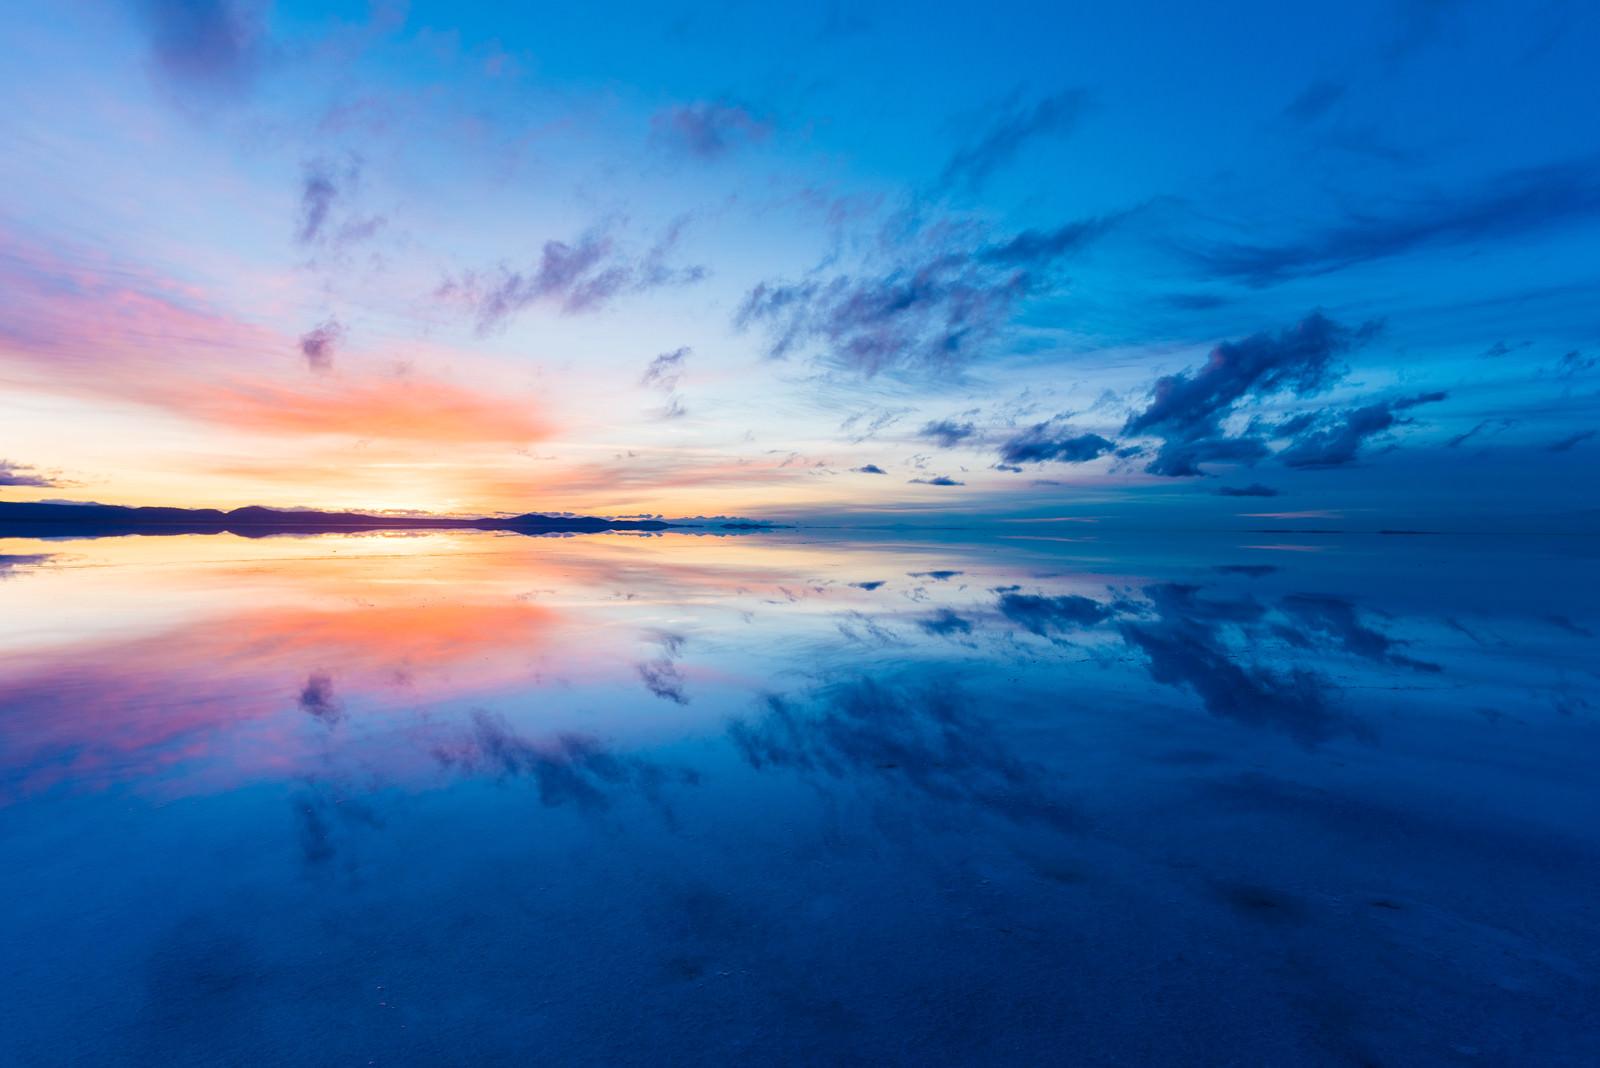 「沈む夕日とグラデーションの夕焼け(ウユニ塩湖)沈む夕日とグラデーションの夕焼け(ウユニ塩湖)」のフリー写真素材を拡大